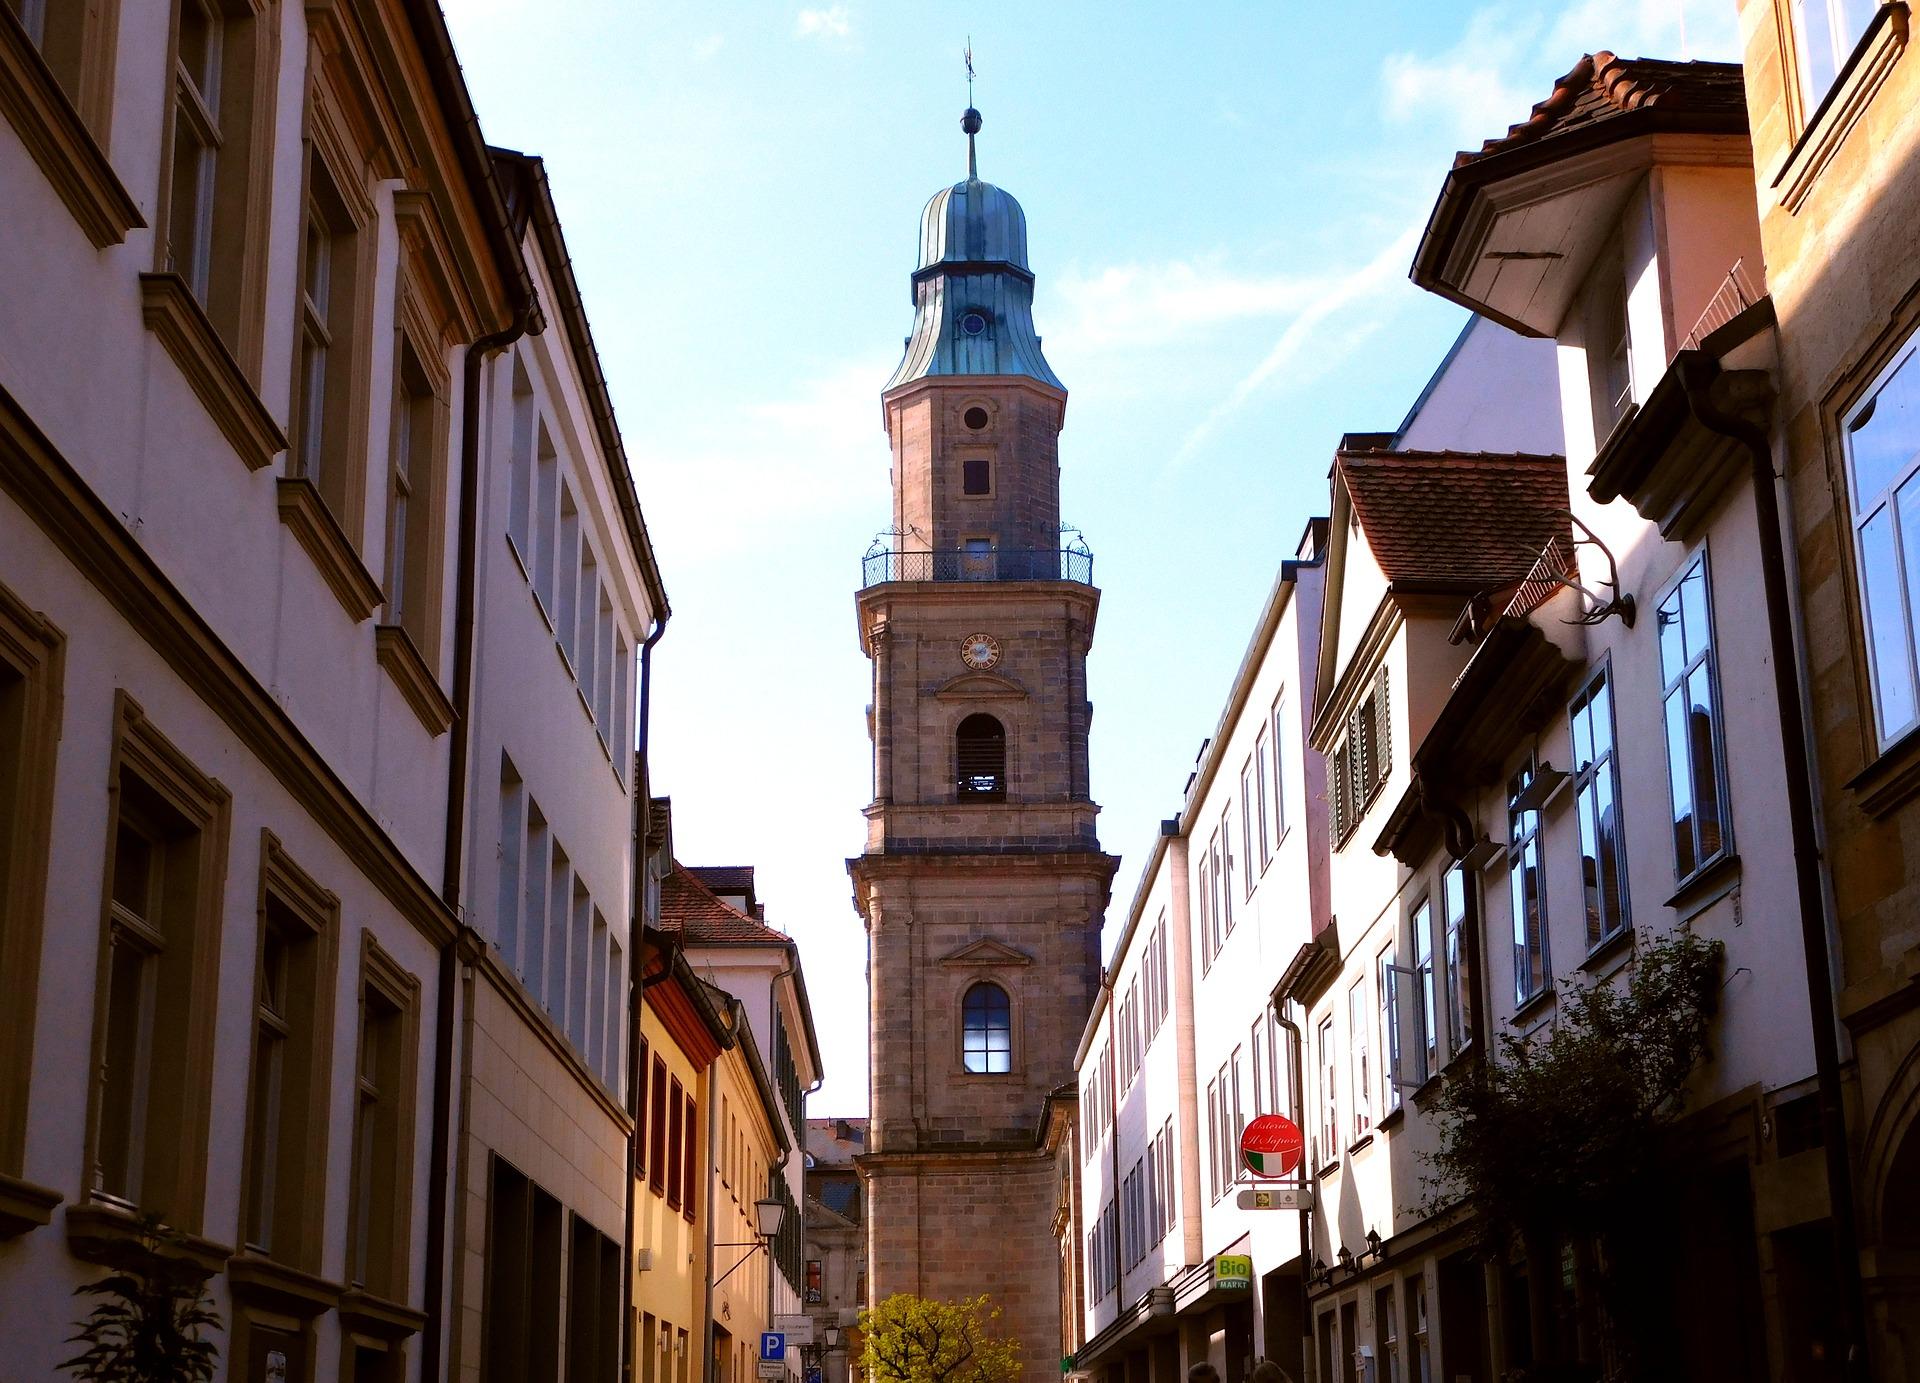 Turm In Erlangen